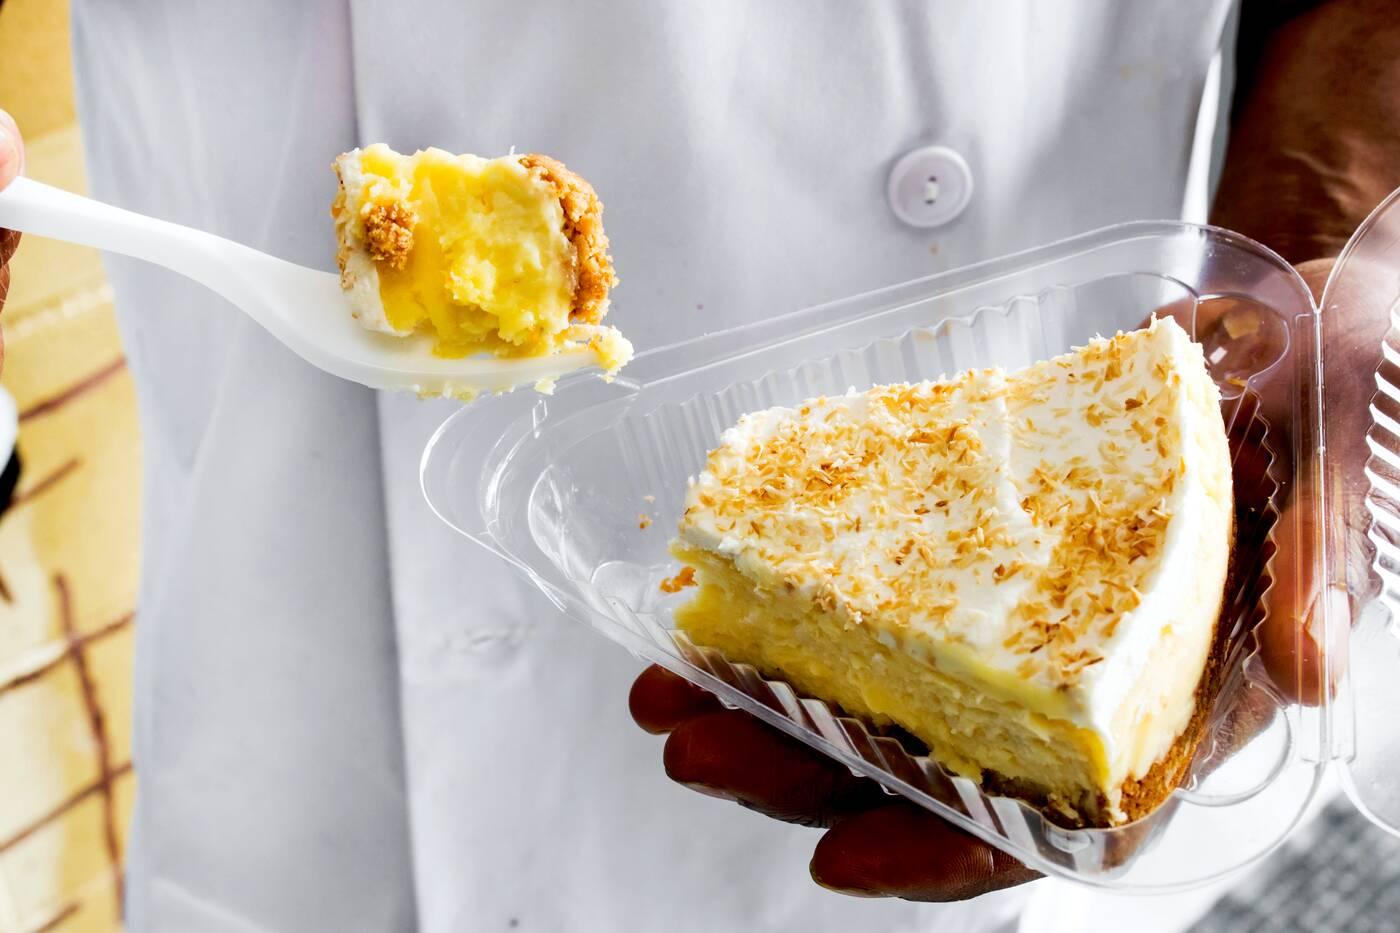 patty cake toronto